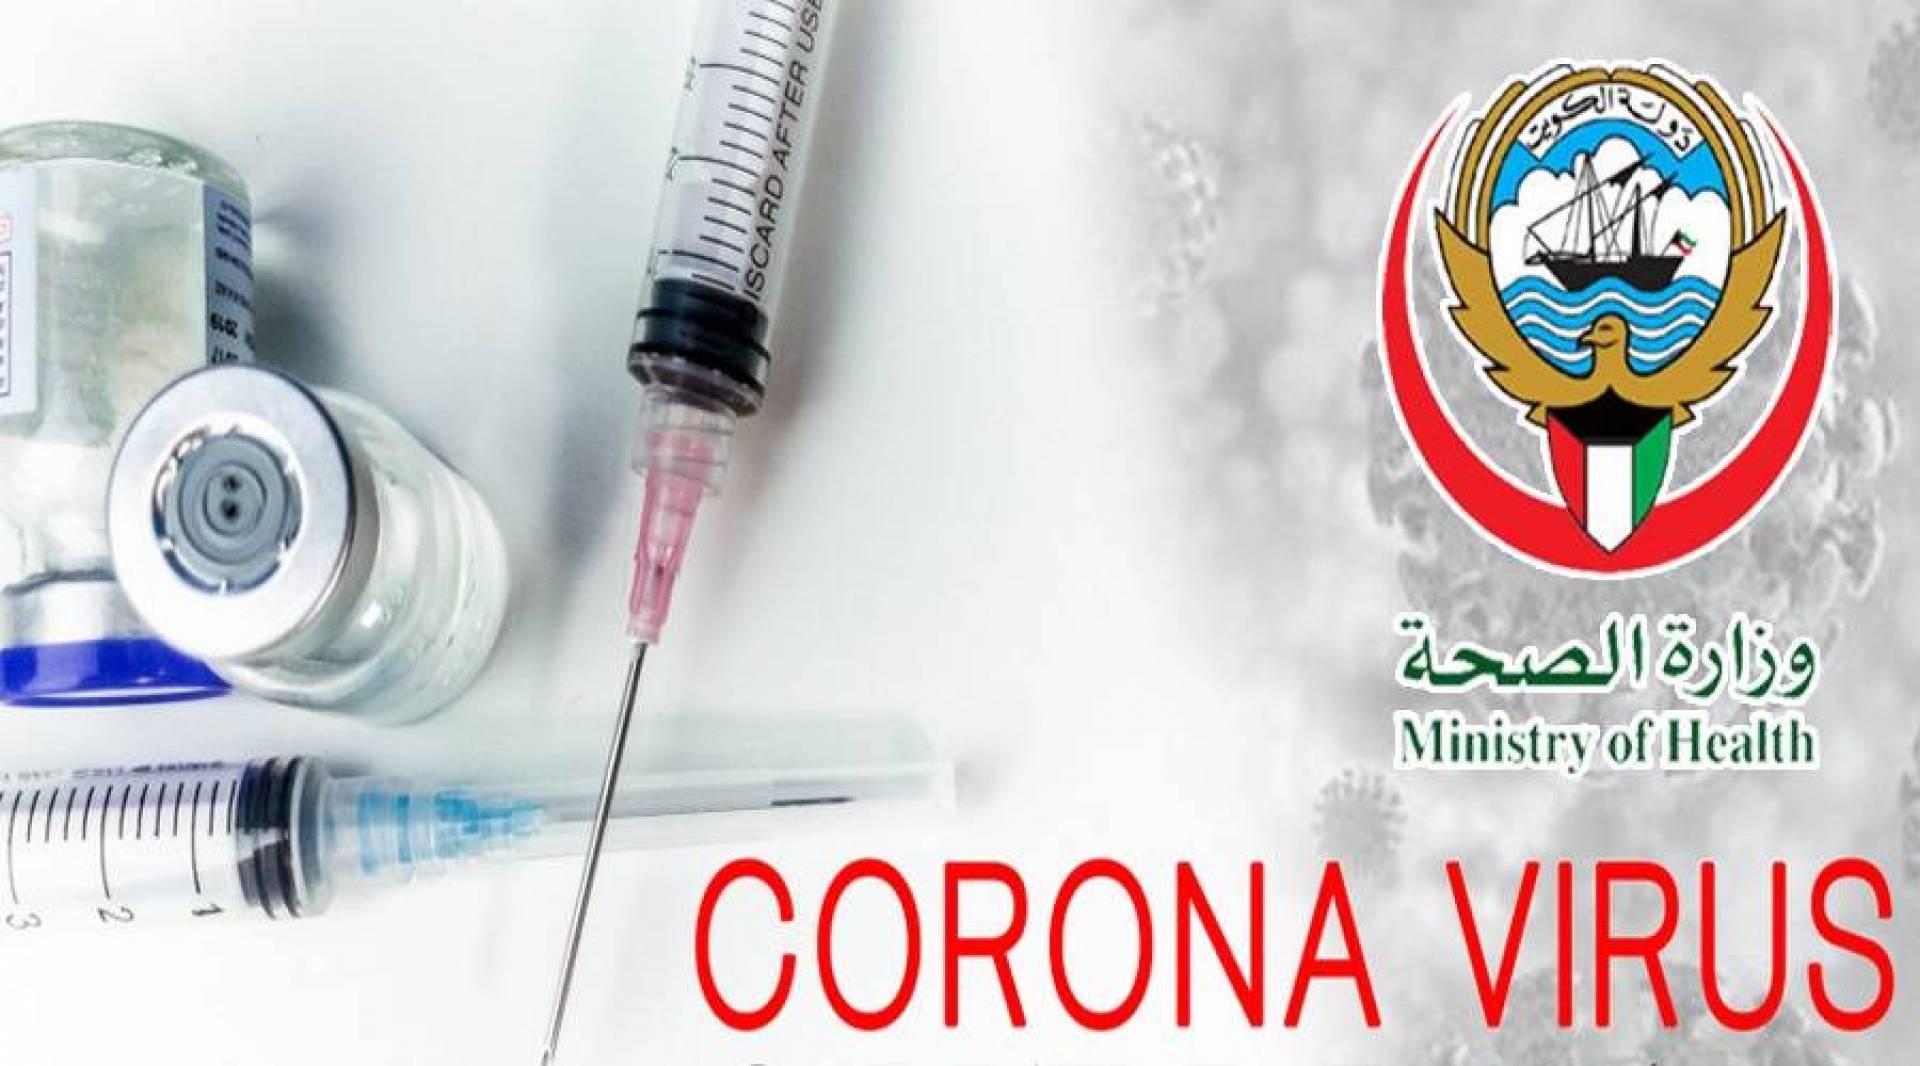 وزارة الصحة: 435 إصابة جديدة بكورونا.. ولا وفيات